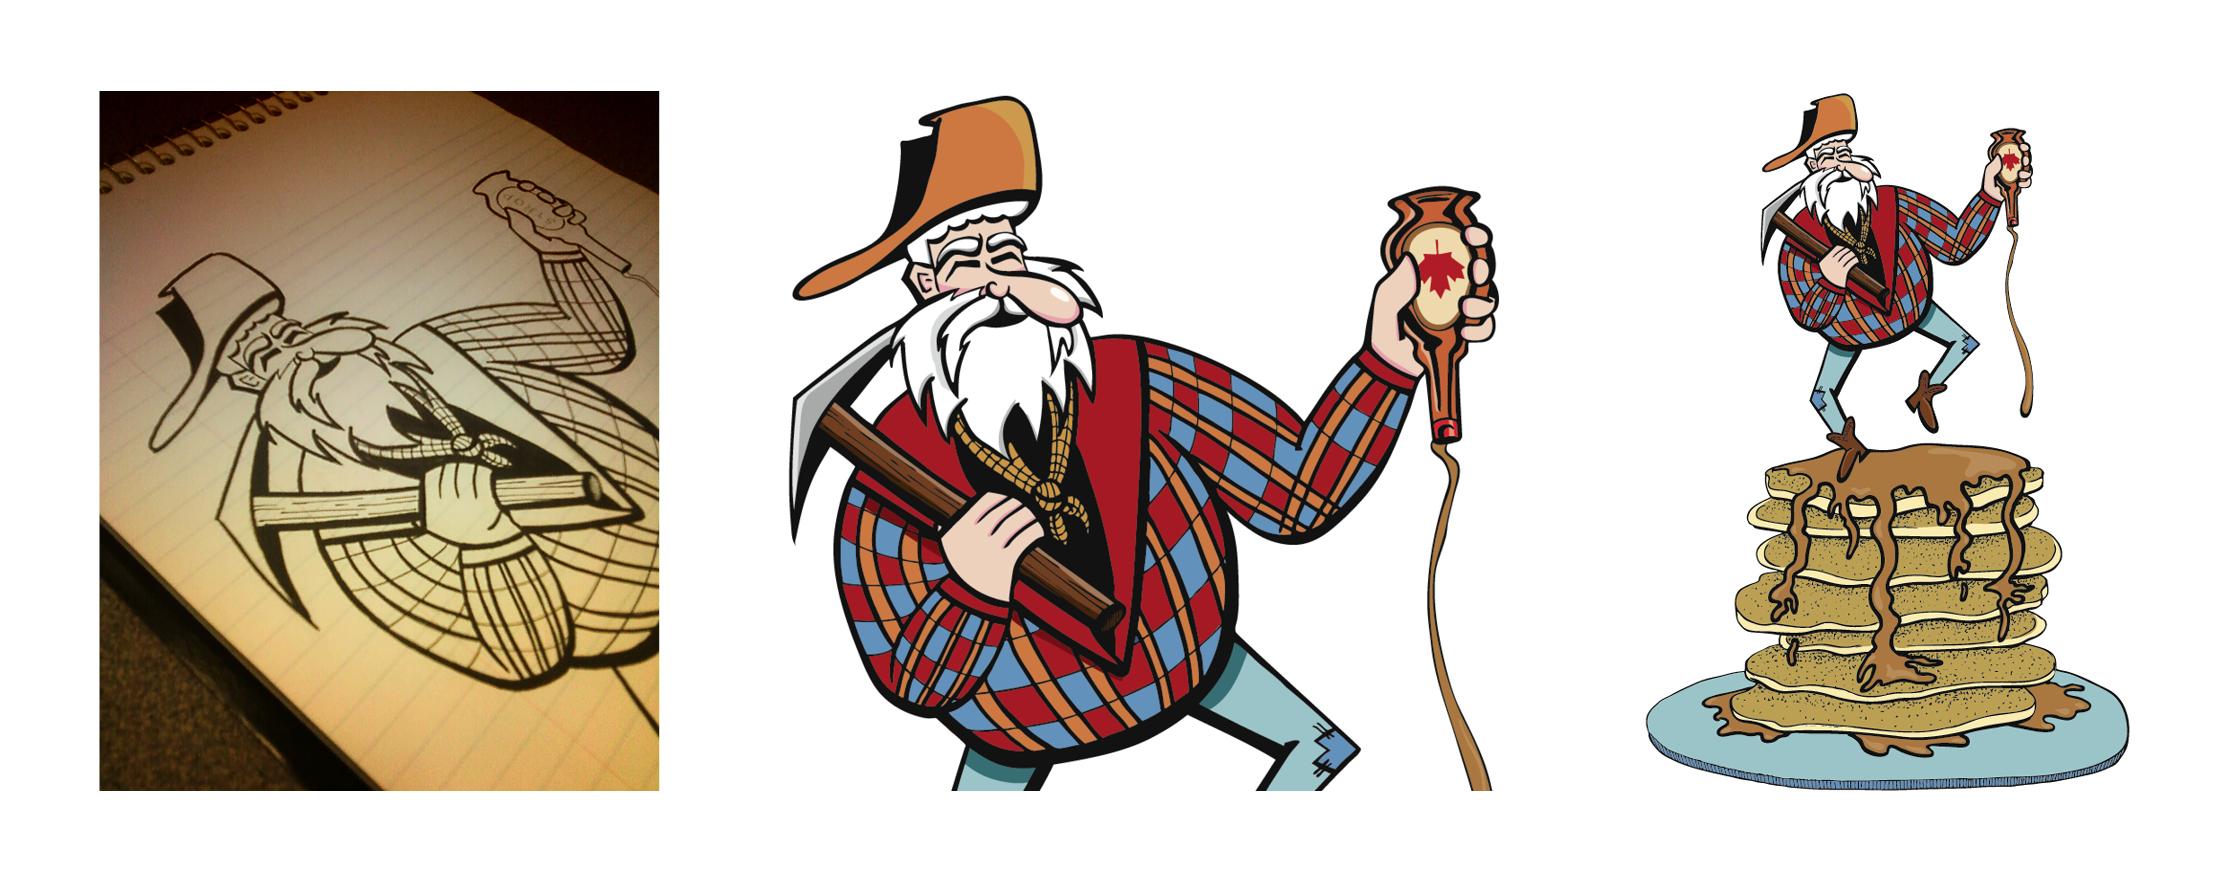 Prospector-Pancake-Illustration.jpg